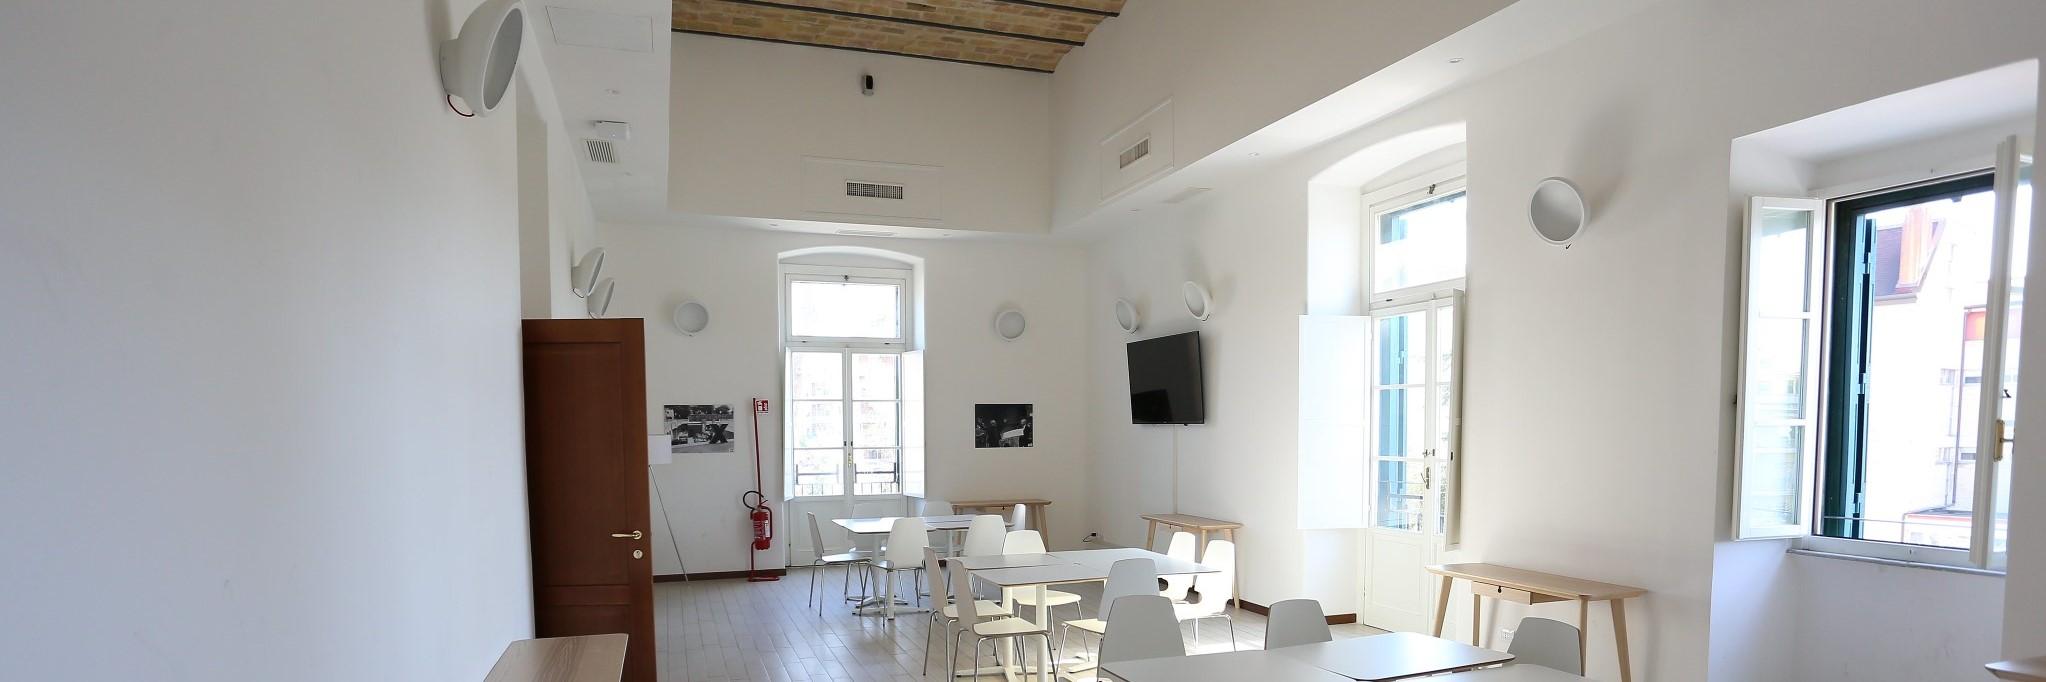 Alloggi Santa Costanza 30032017